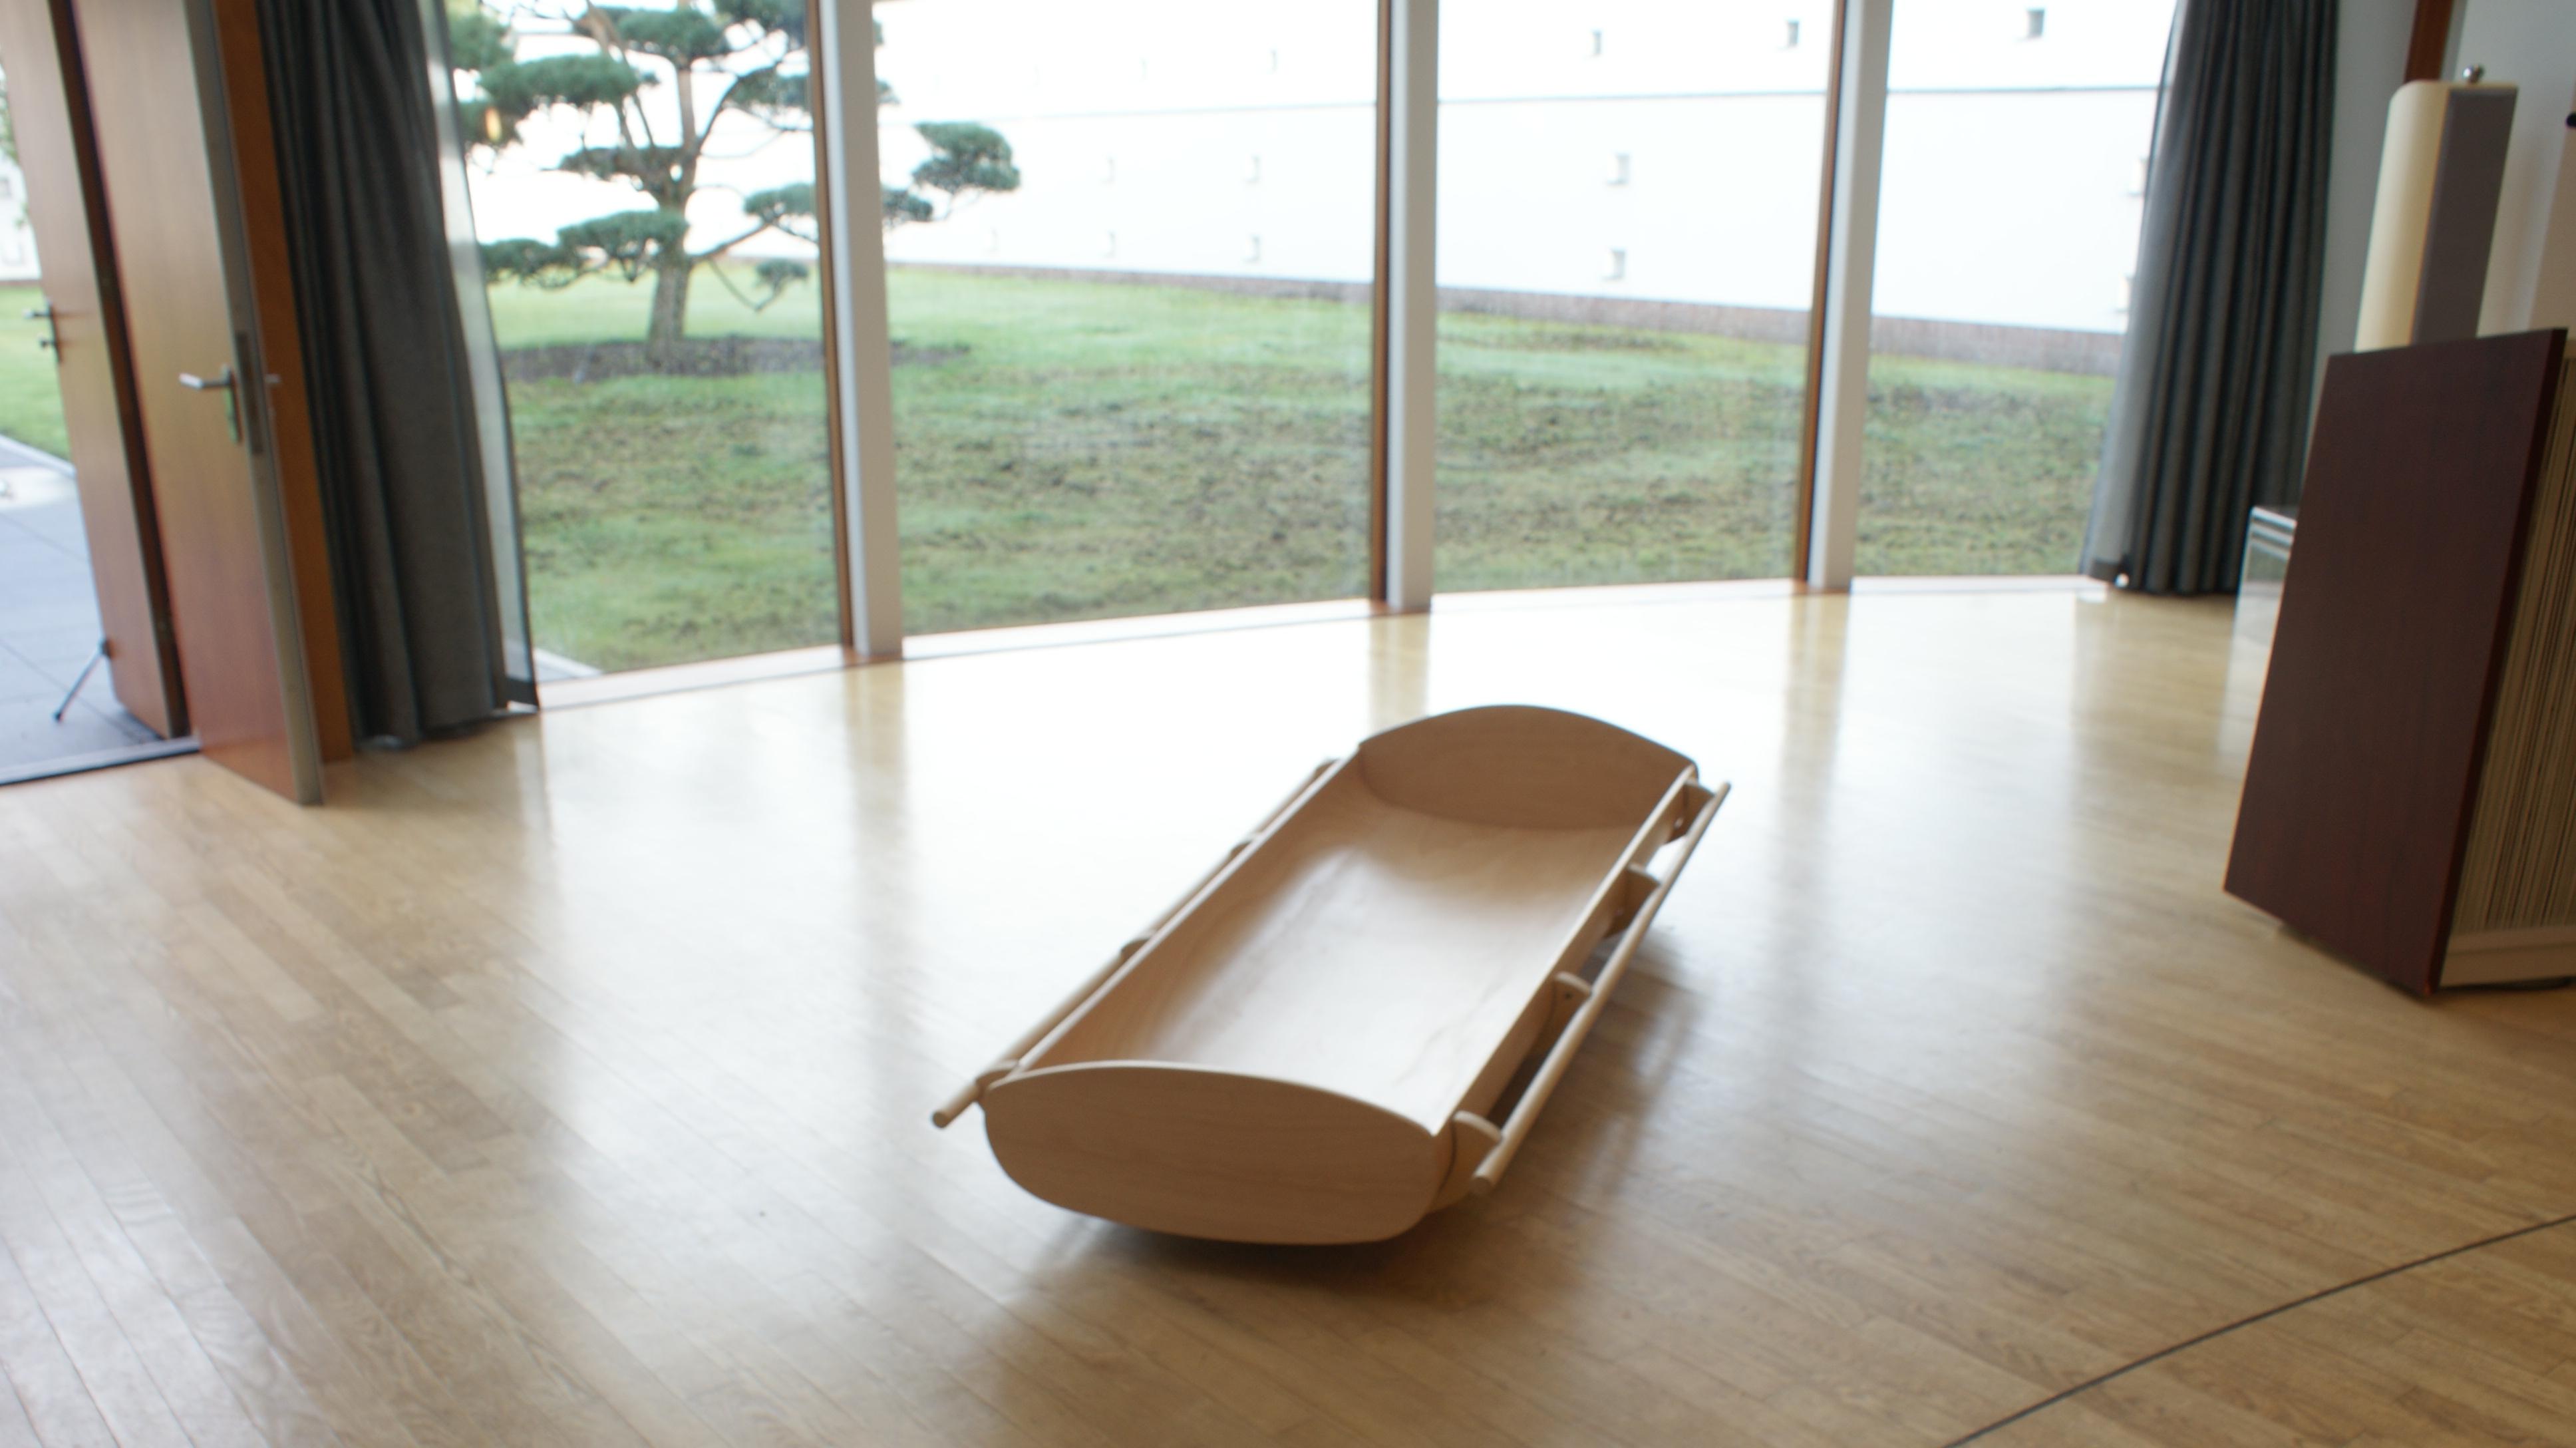 Baar design - LUX atelier